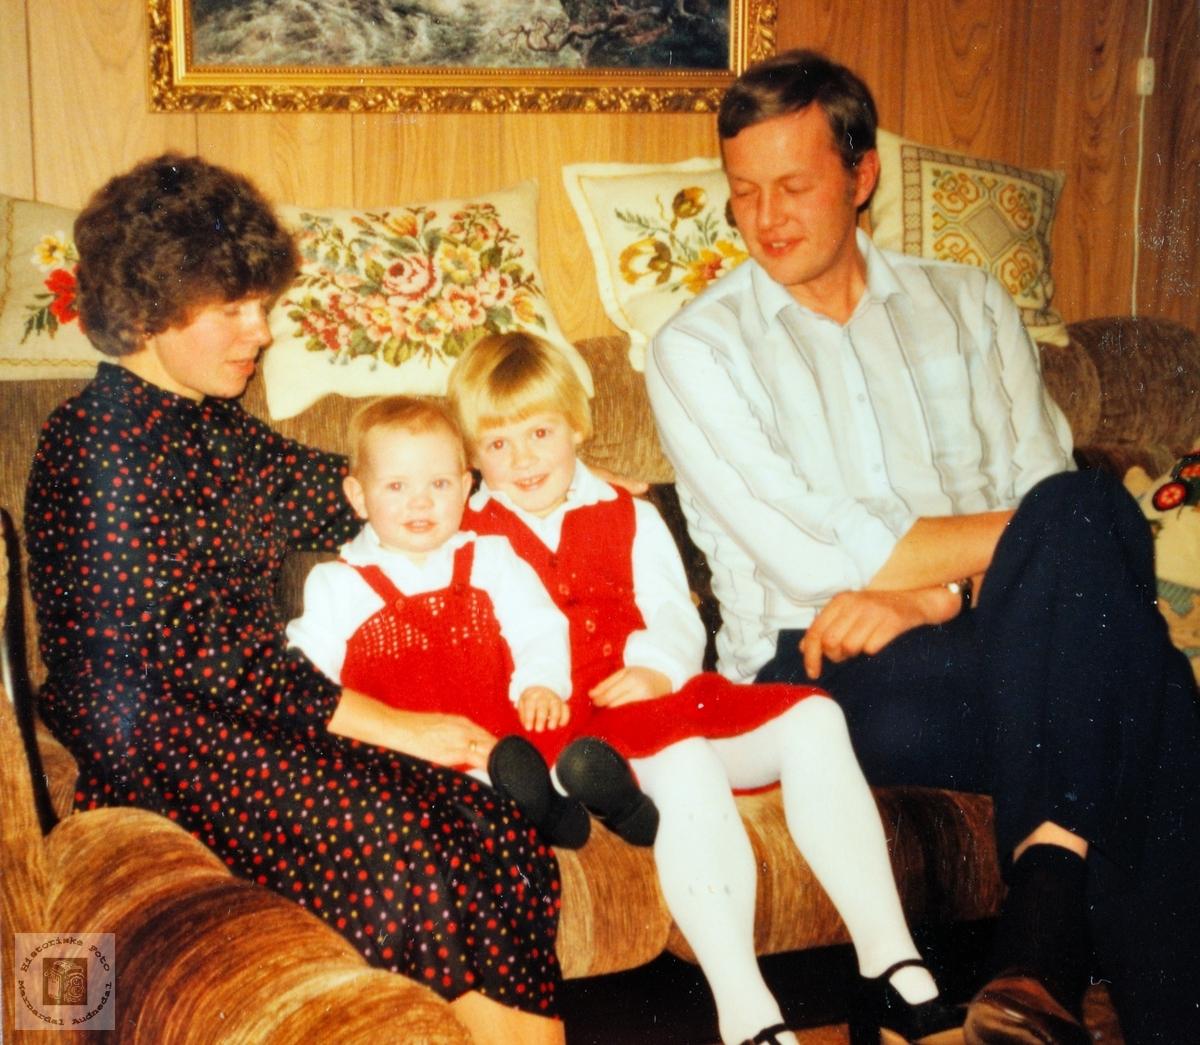 Familiebilde fra Høyland i Konsmo. Audnedal.